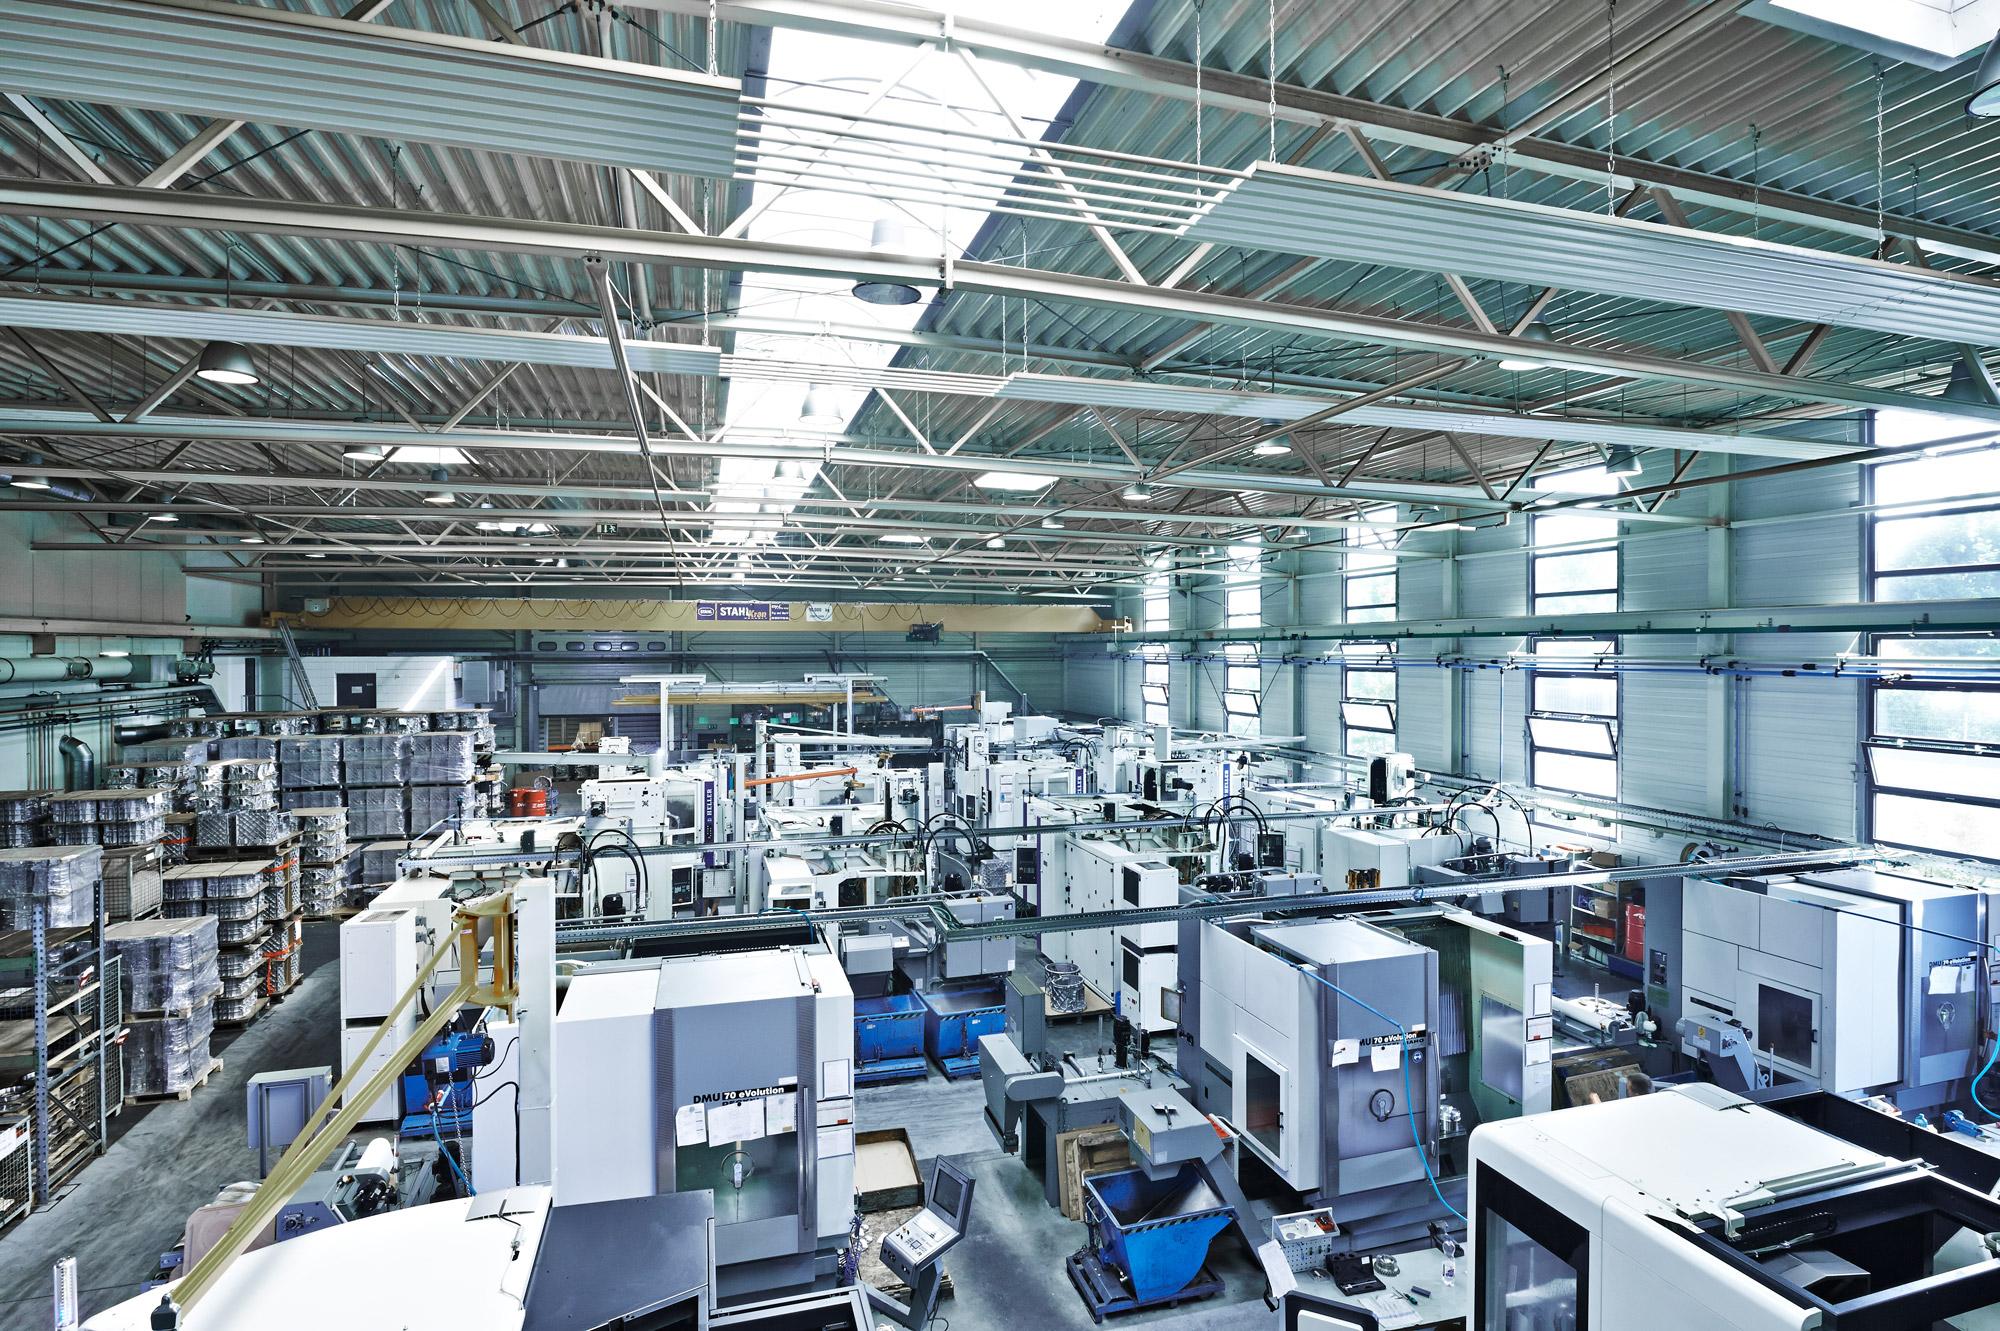 Überblick der Lagerhalle von SiTec, Blick auf den Maschinenpark